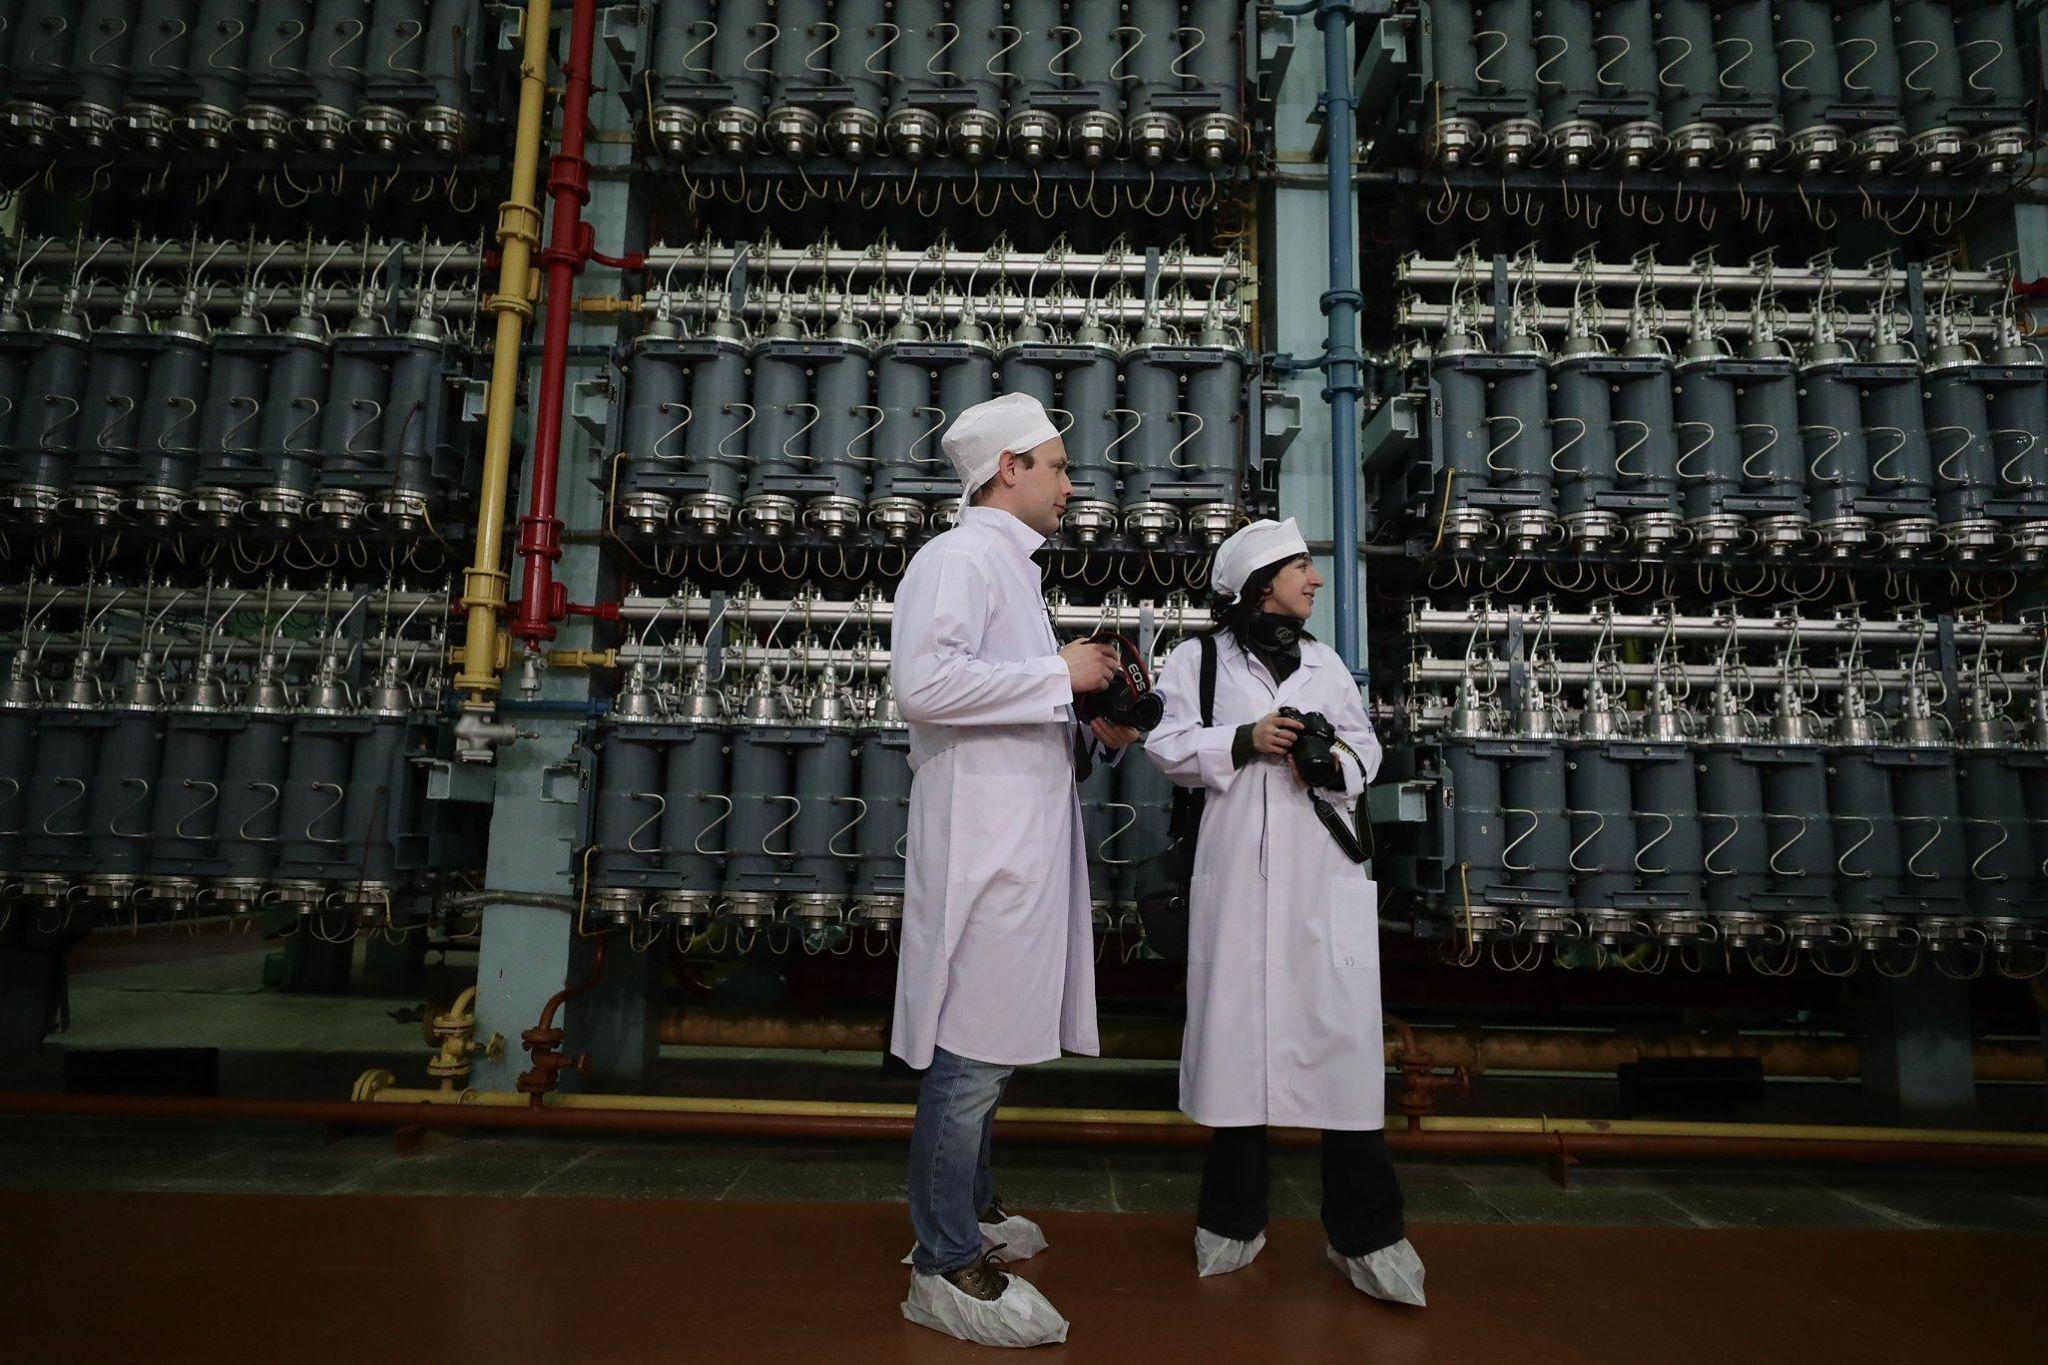 Приключения немецкого обедненного гексафторида урана в России. Часть 1. История и технологии обогащения - 12